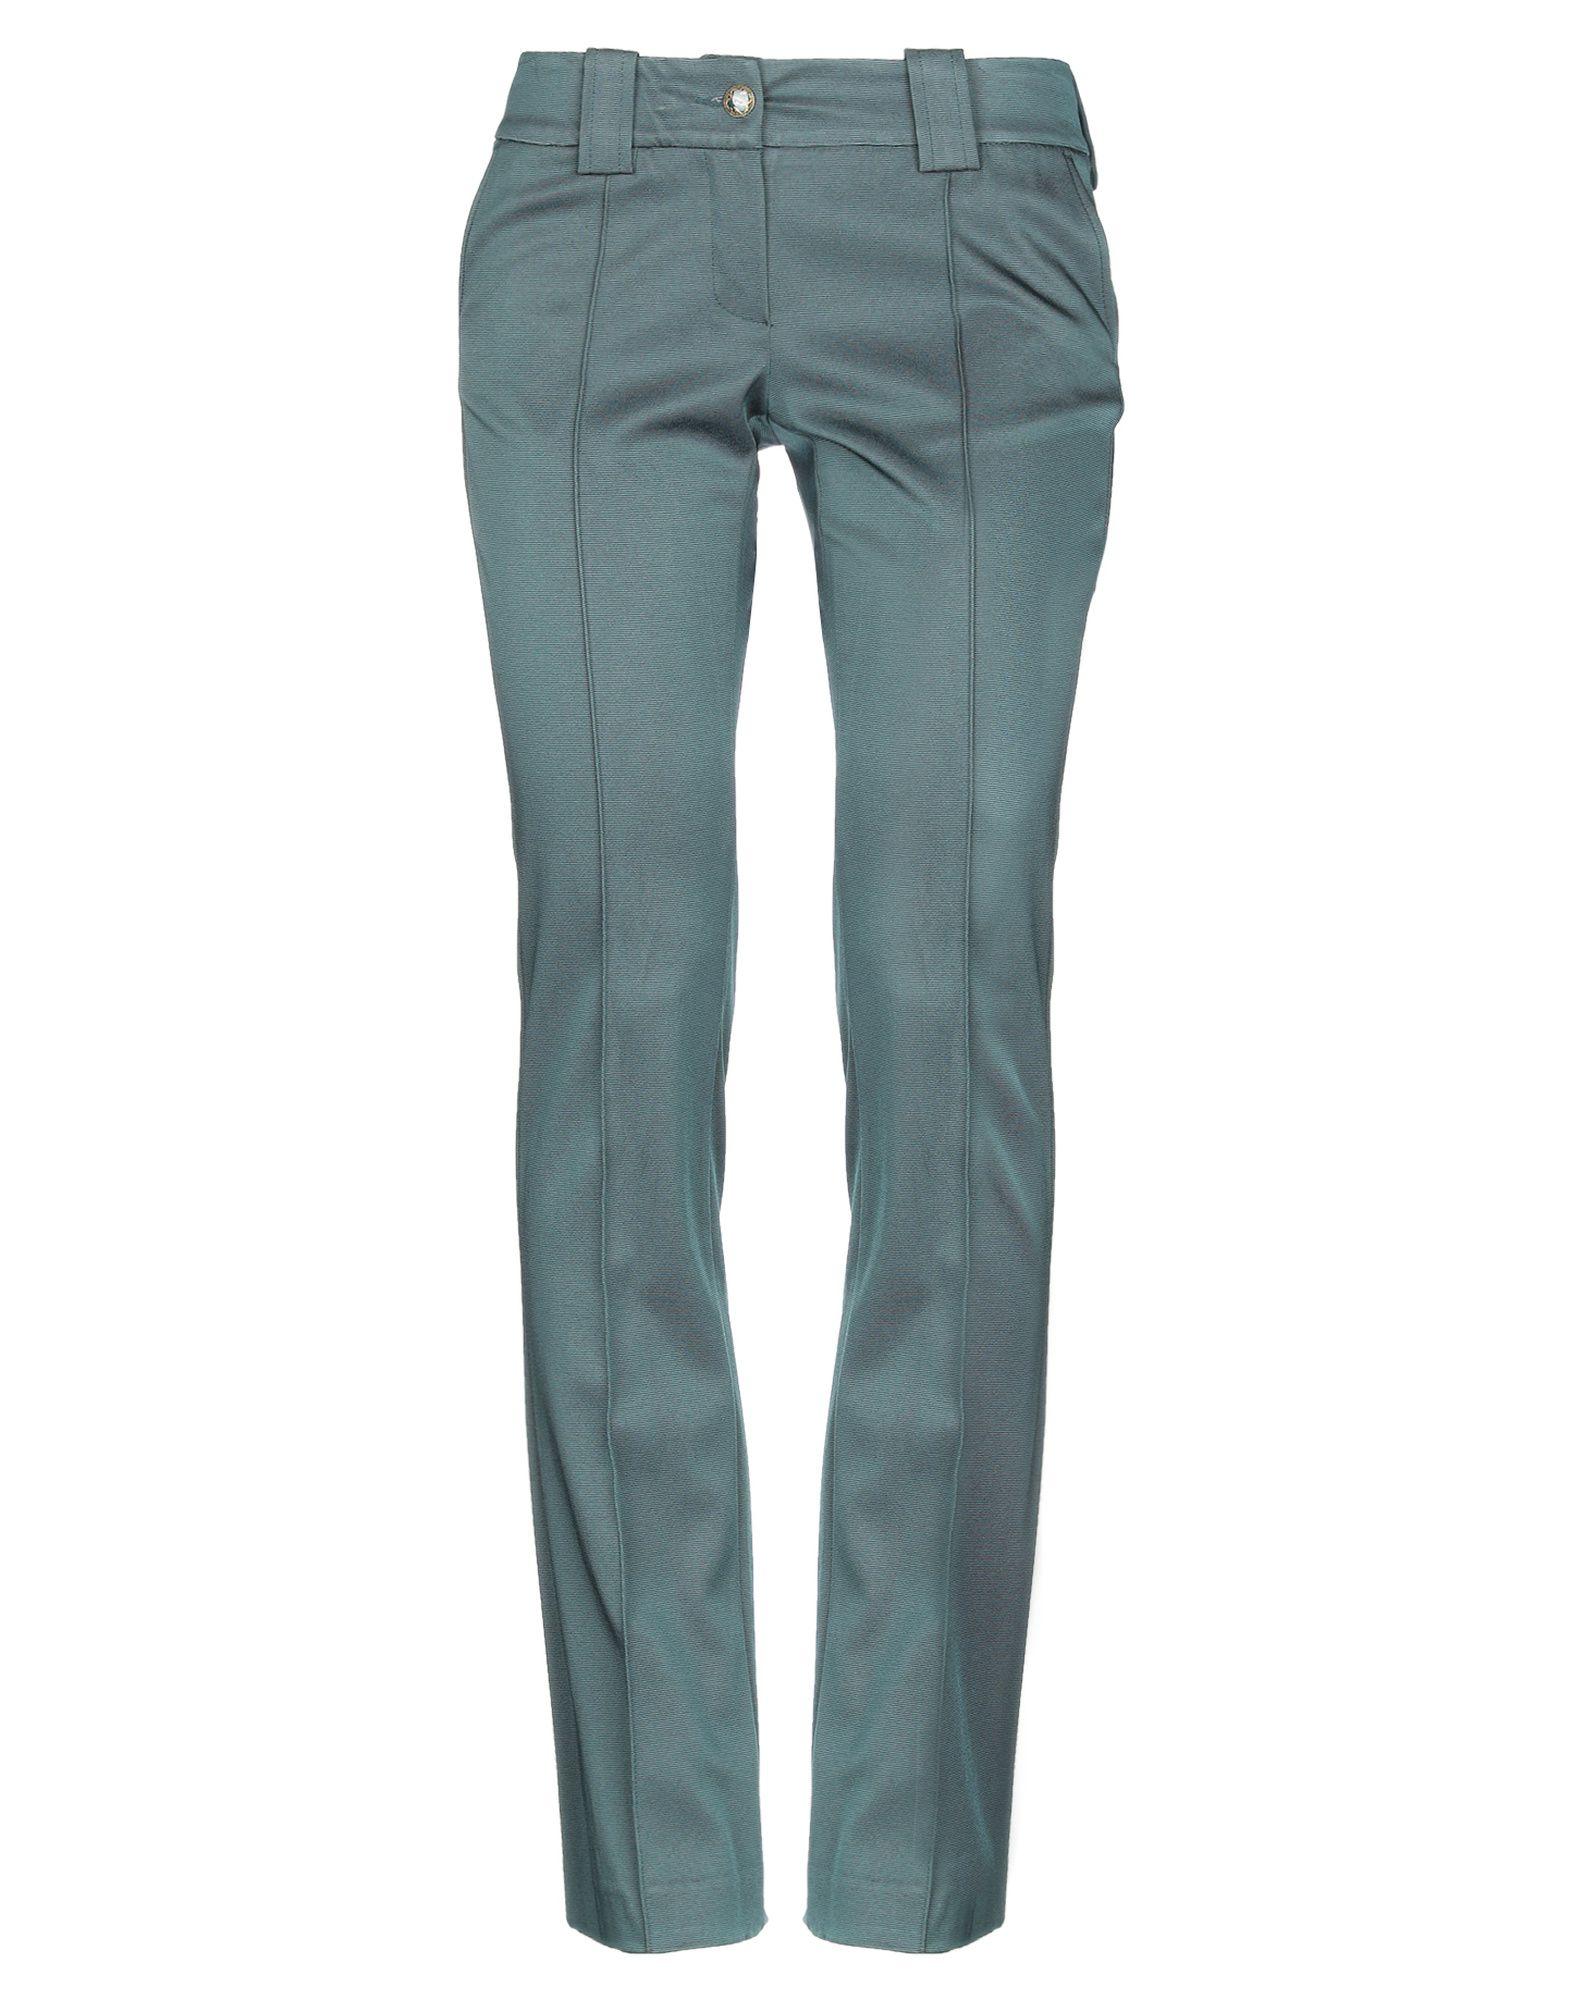 Pantalone Cavalli Cavalli Class donna - 36930425WG  Großhandel billig und von hoher Qualität